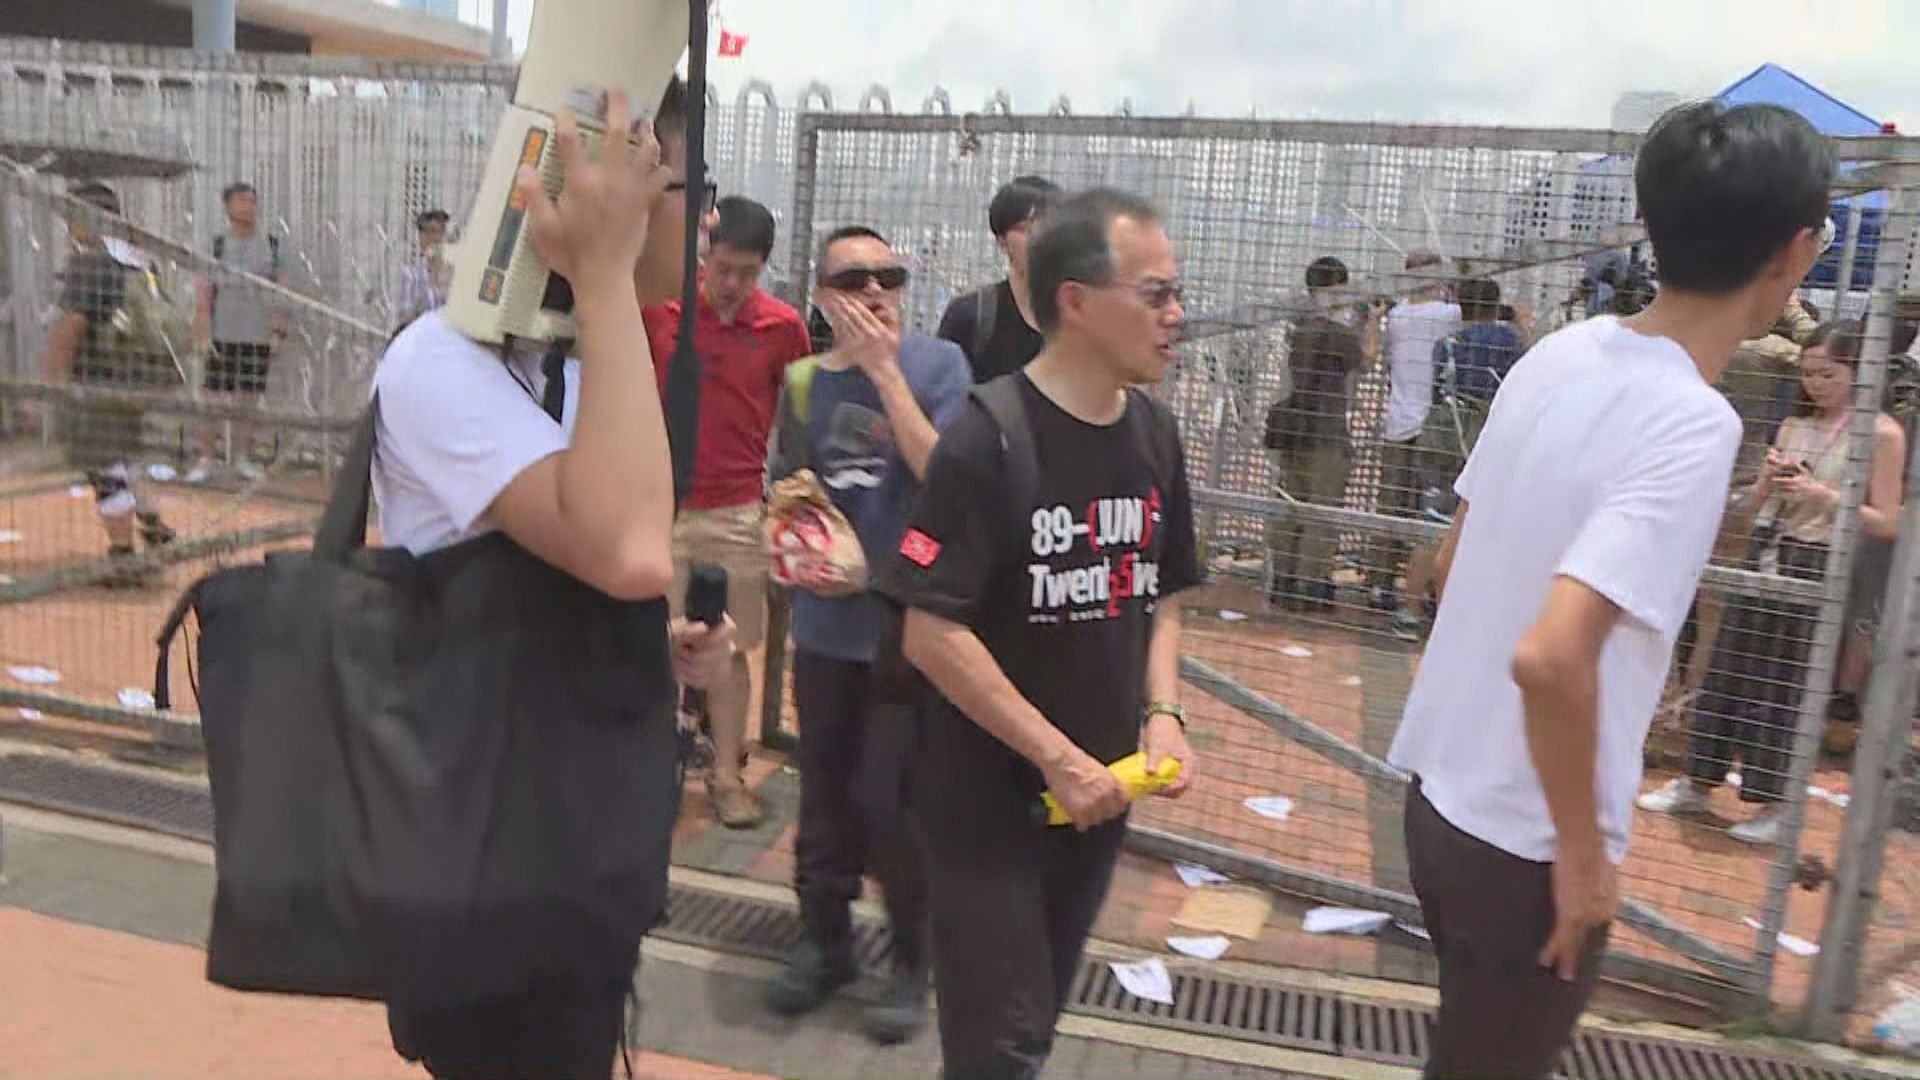 抗議中環海濱用地改軍事用途示威者和平散去